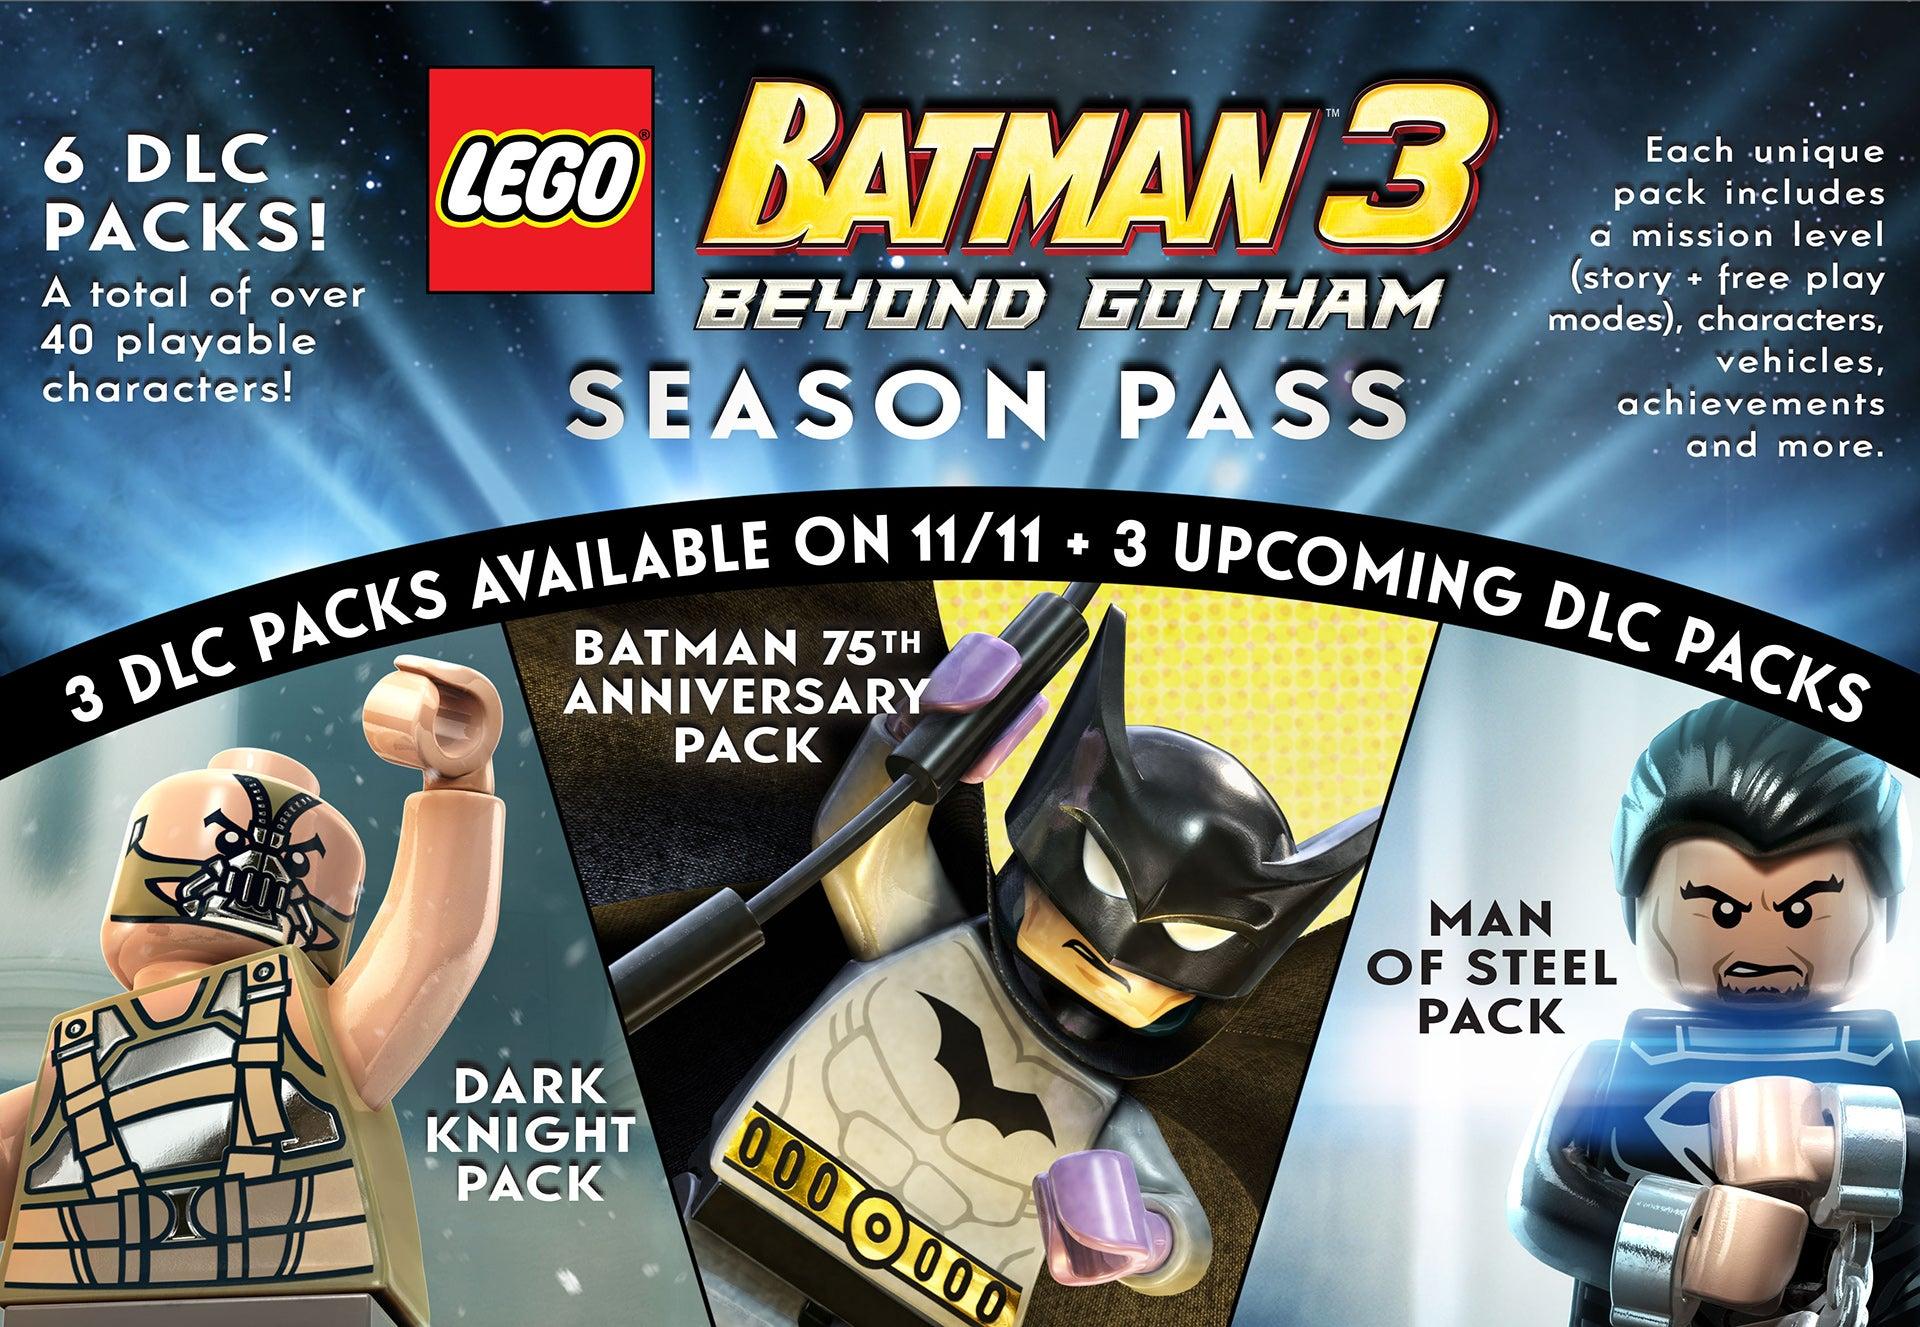 LEGO Batman 3 Is Getting A DLC Season Pass. I've Got A Better Idea.